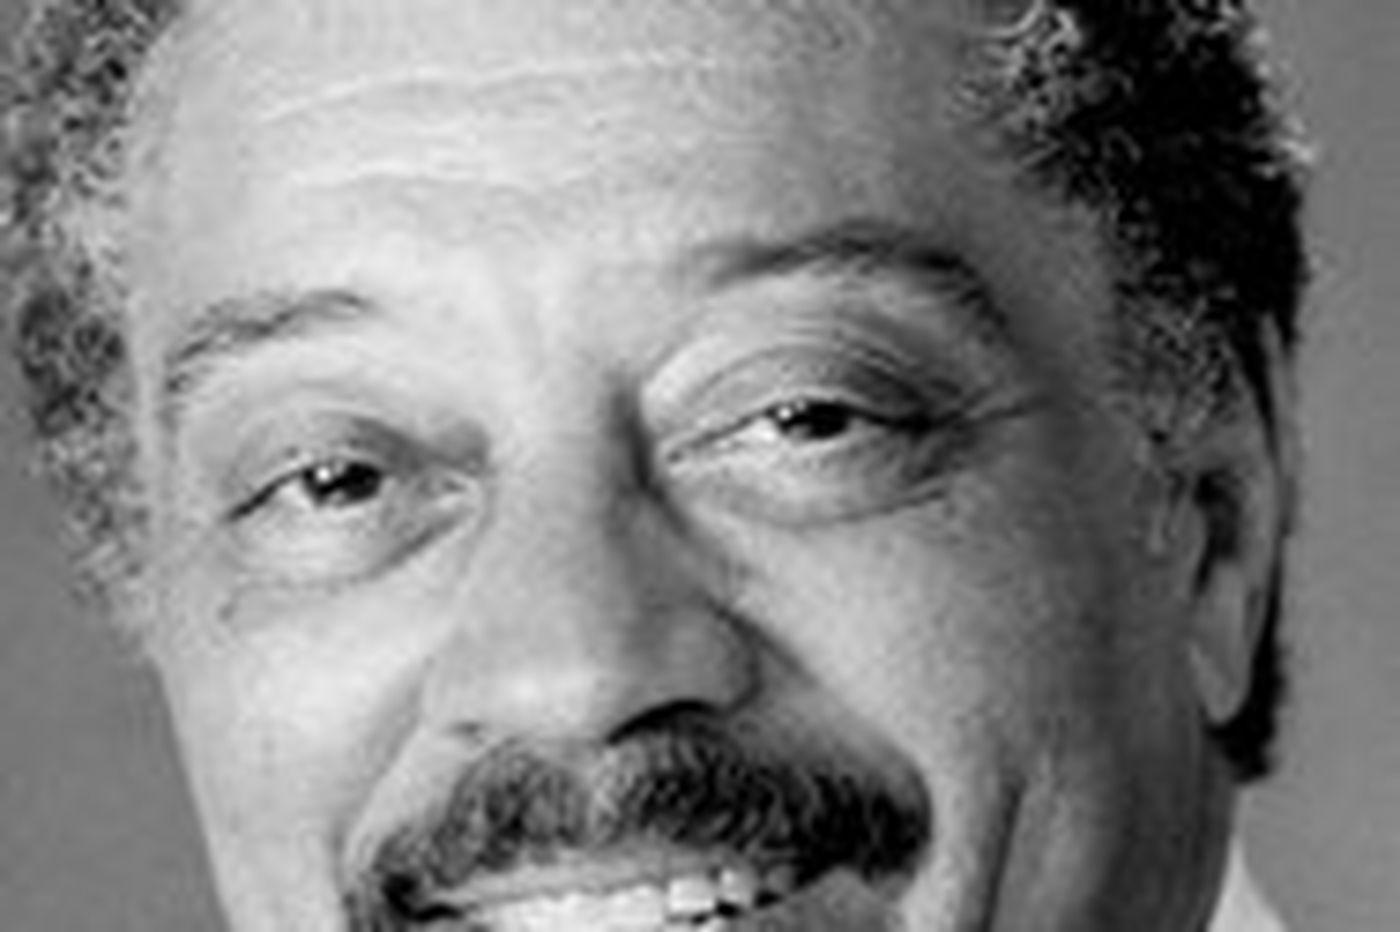 Herbert J. Hutton, 69, federal judge